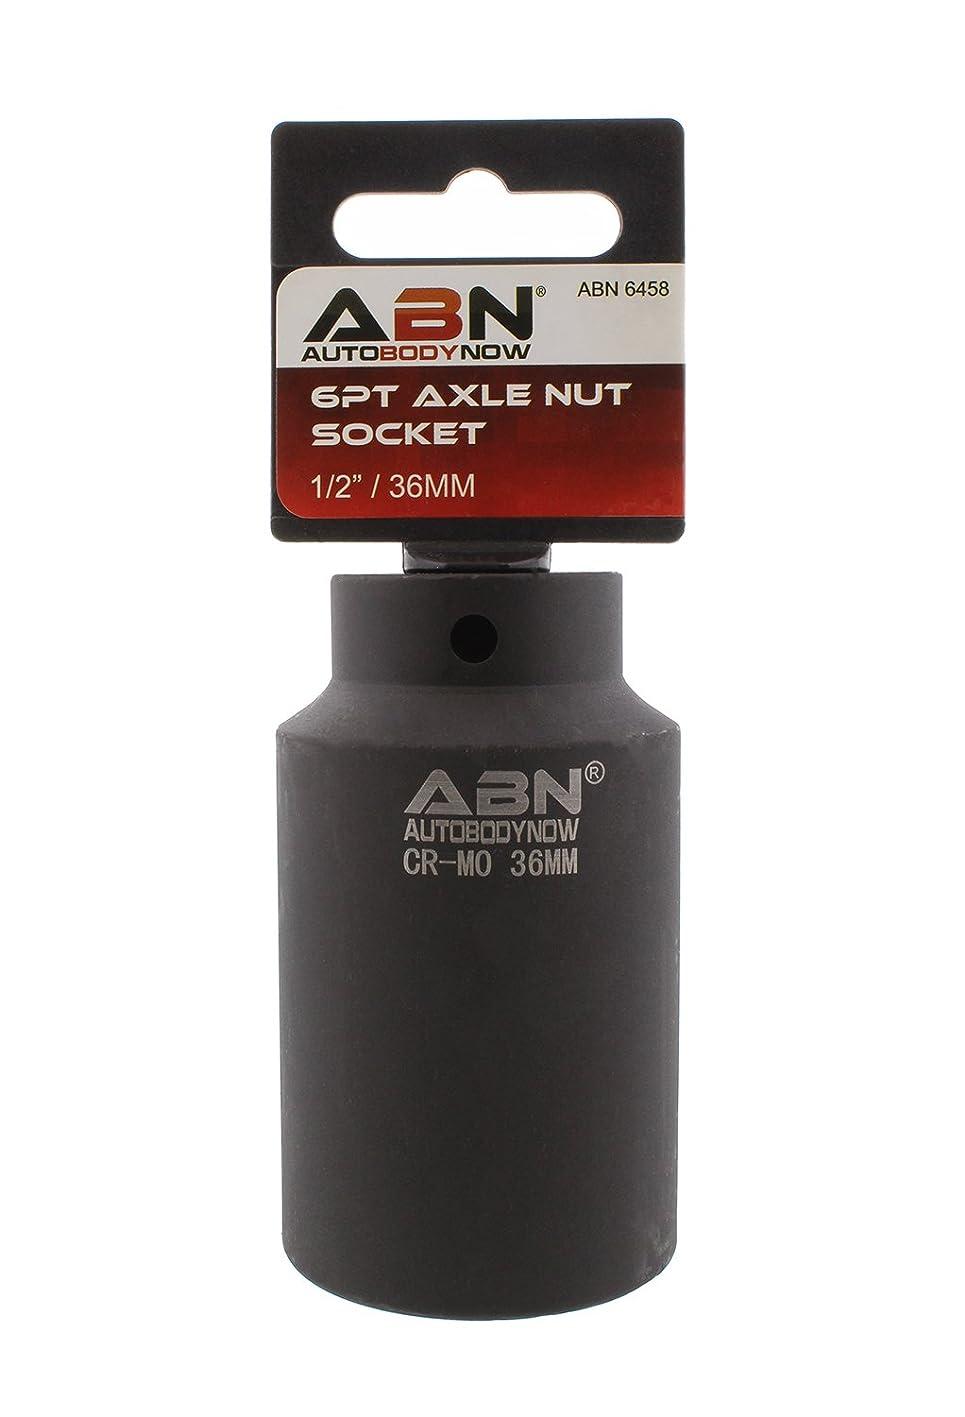 ABN Axle Nut Socket, 36mm, 1/2